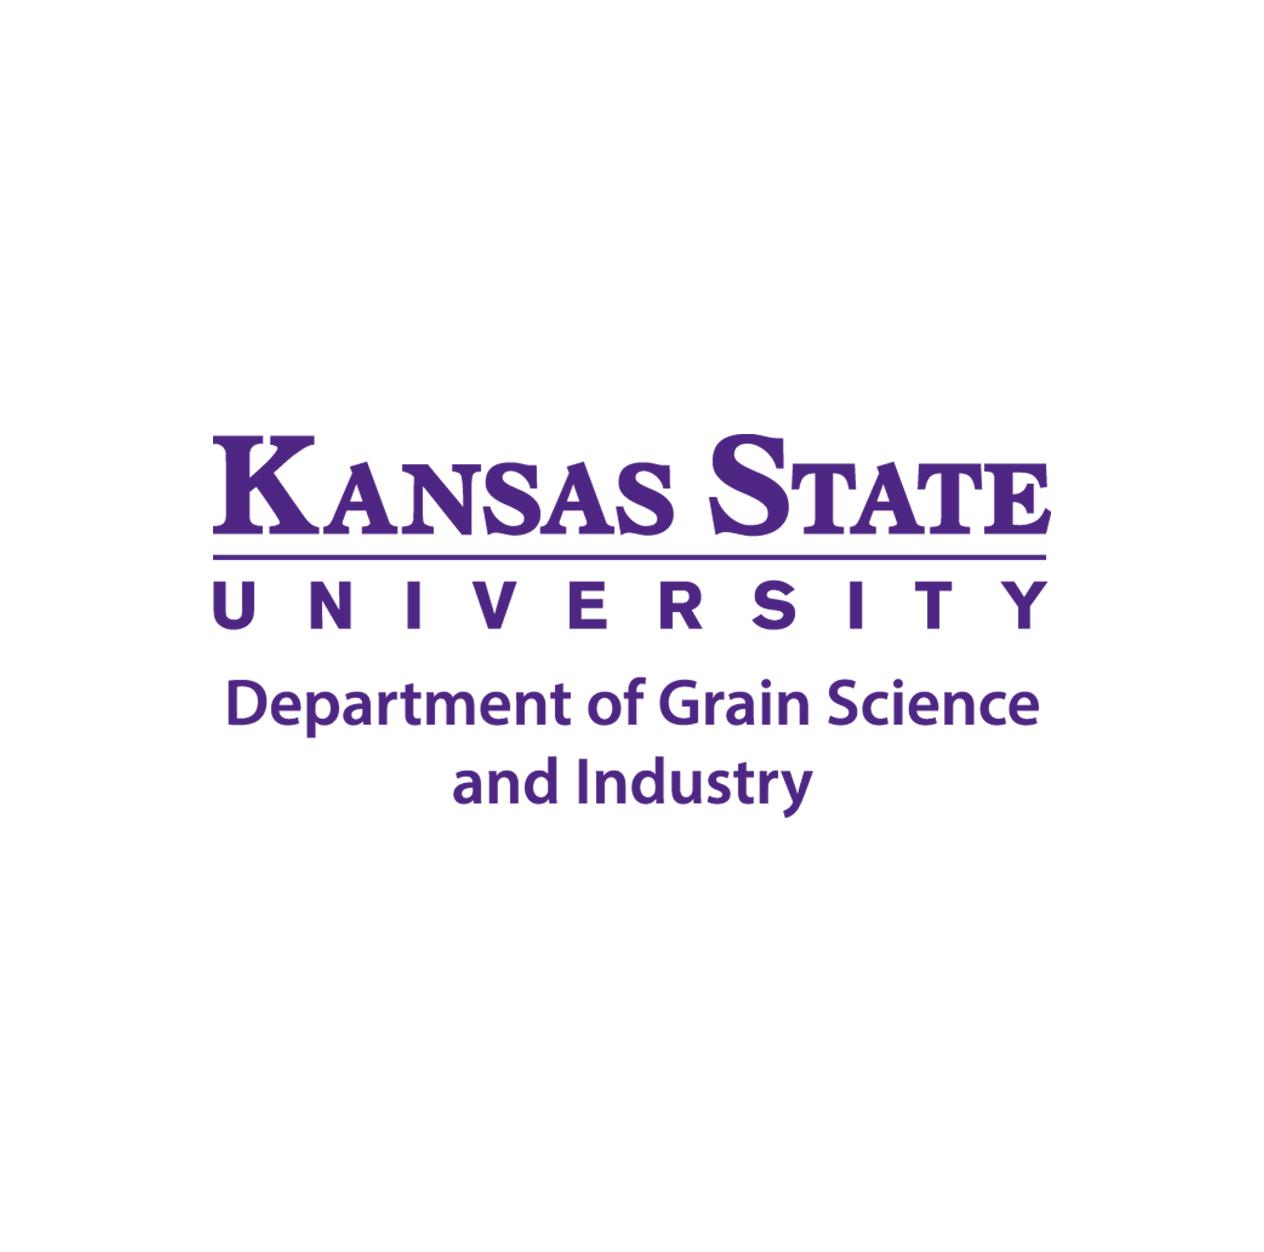 Kansas State Uni (ccell).jpg